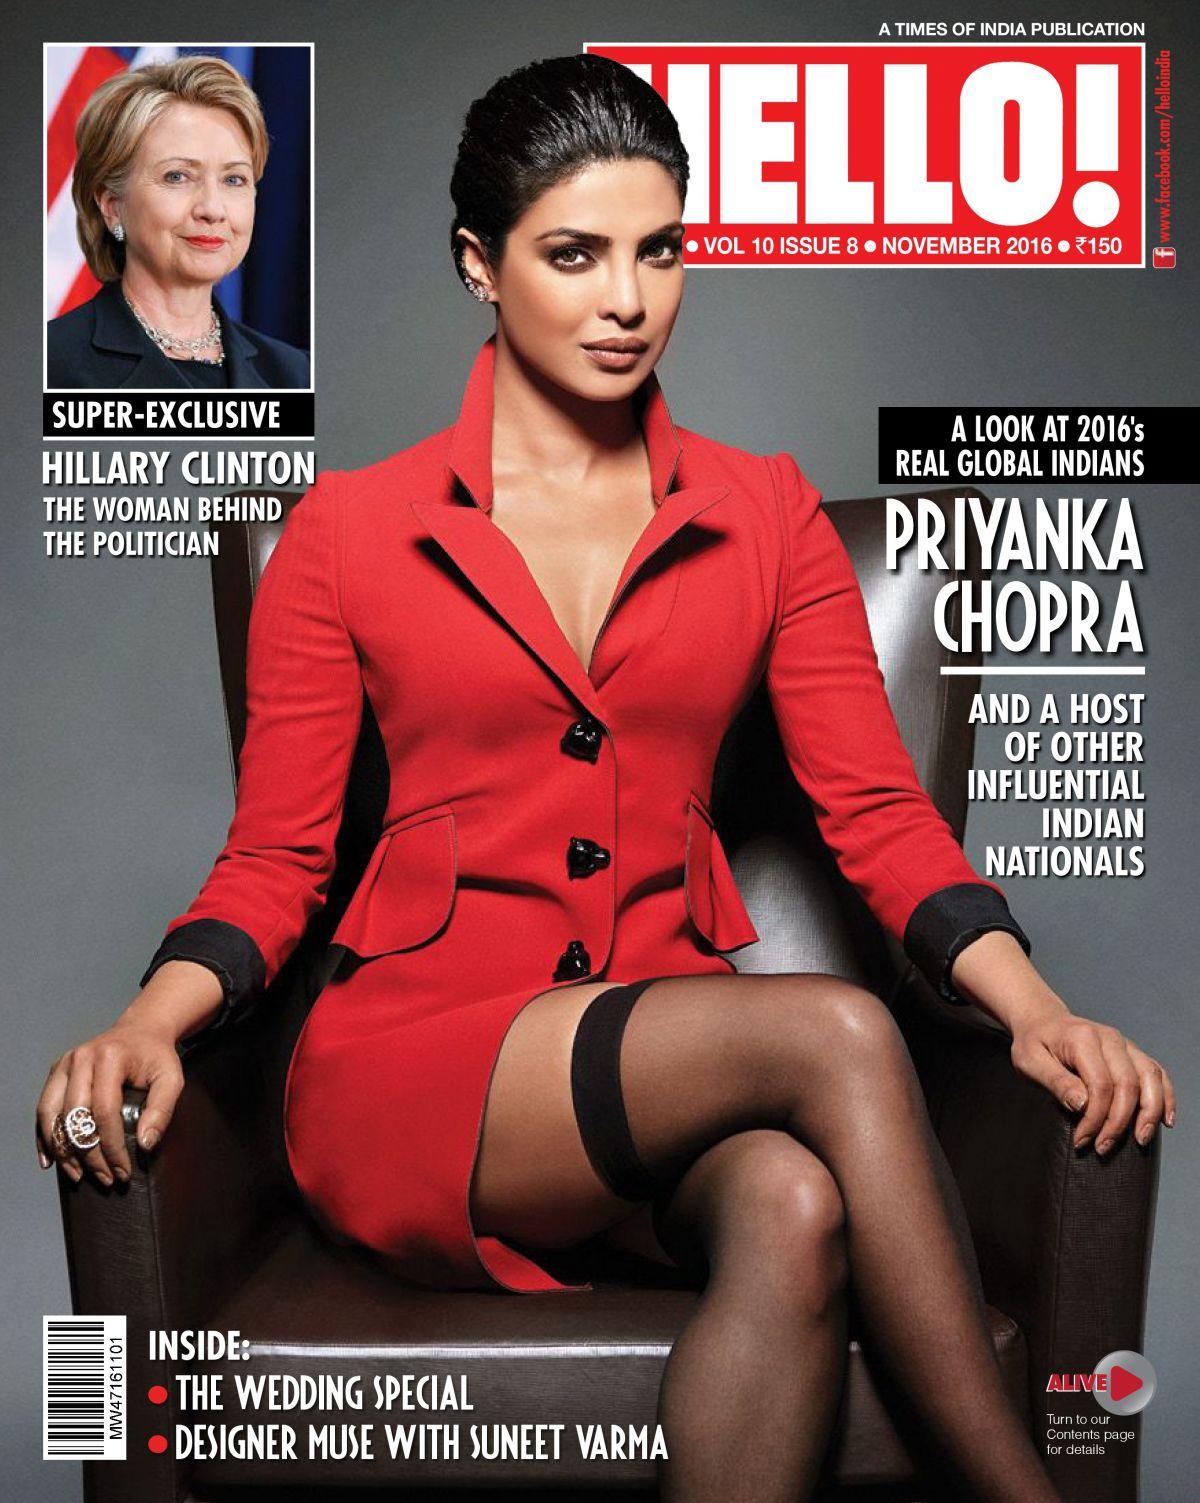 PRIYANKA CHOPRA in Hello! Magazine, India November 2016 Issue